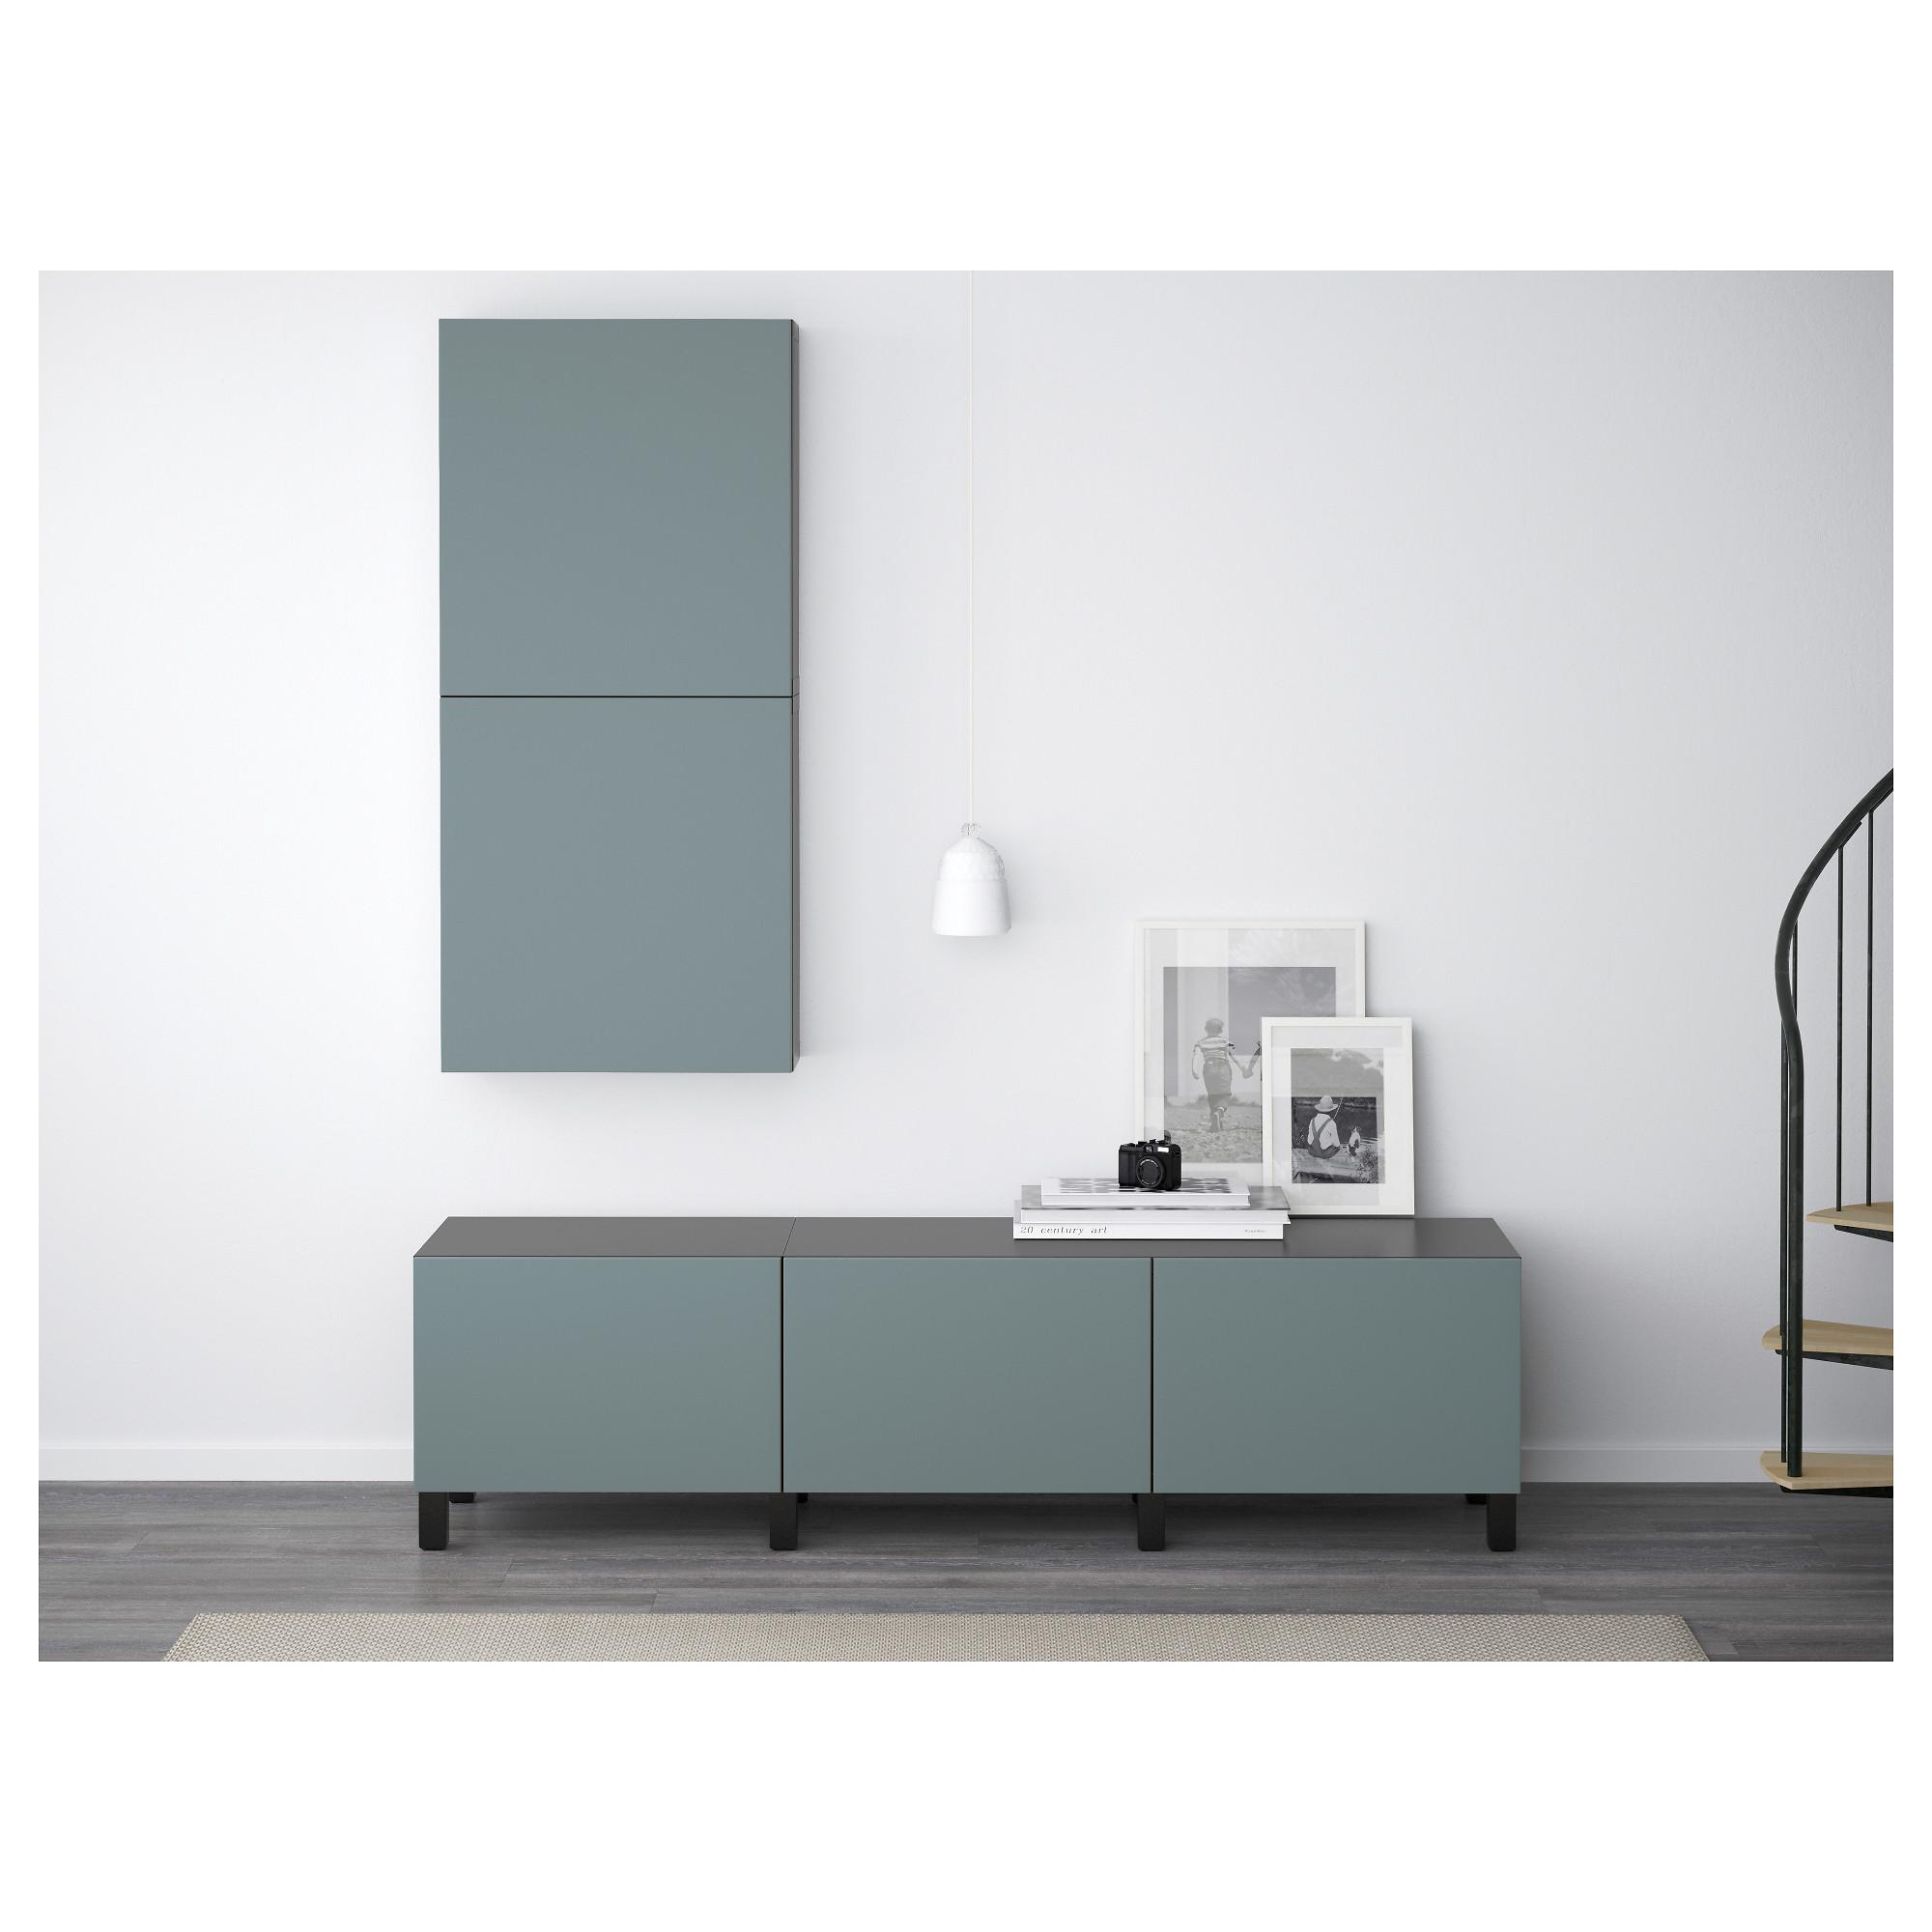 Навесной шкаф с 2 дверями БЕСТО артикуль № 692.482.68 в наличии. Online магазин IKEA Беларусь. Недорогая доставка и соборка.